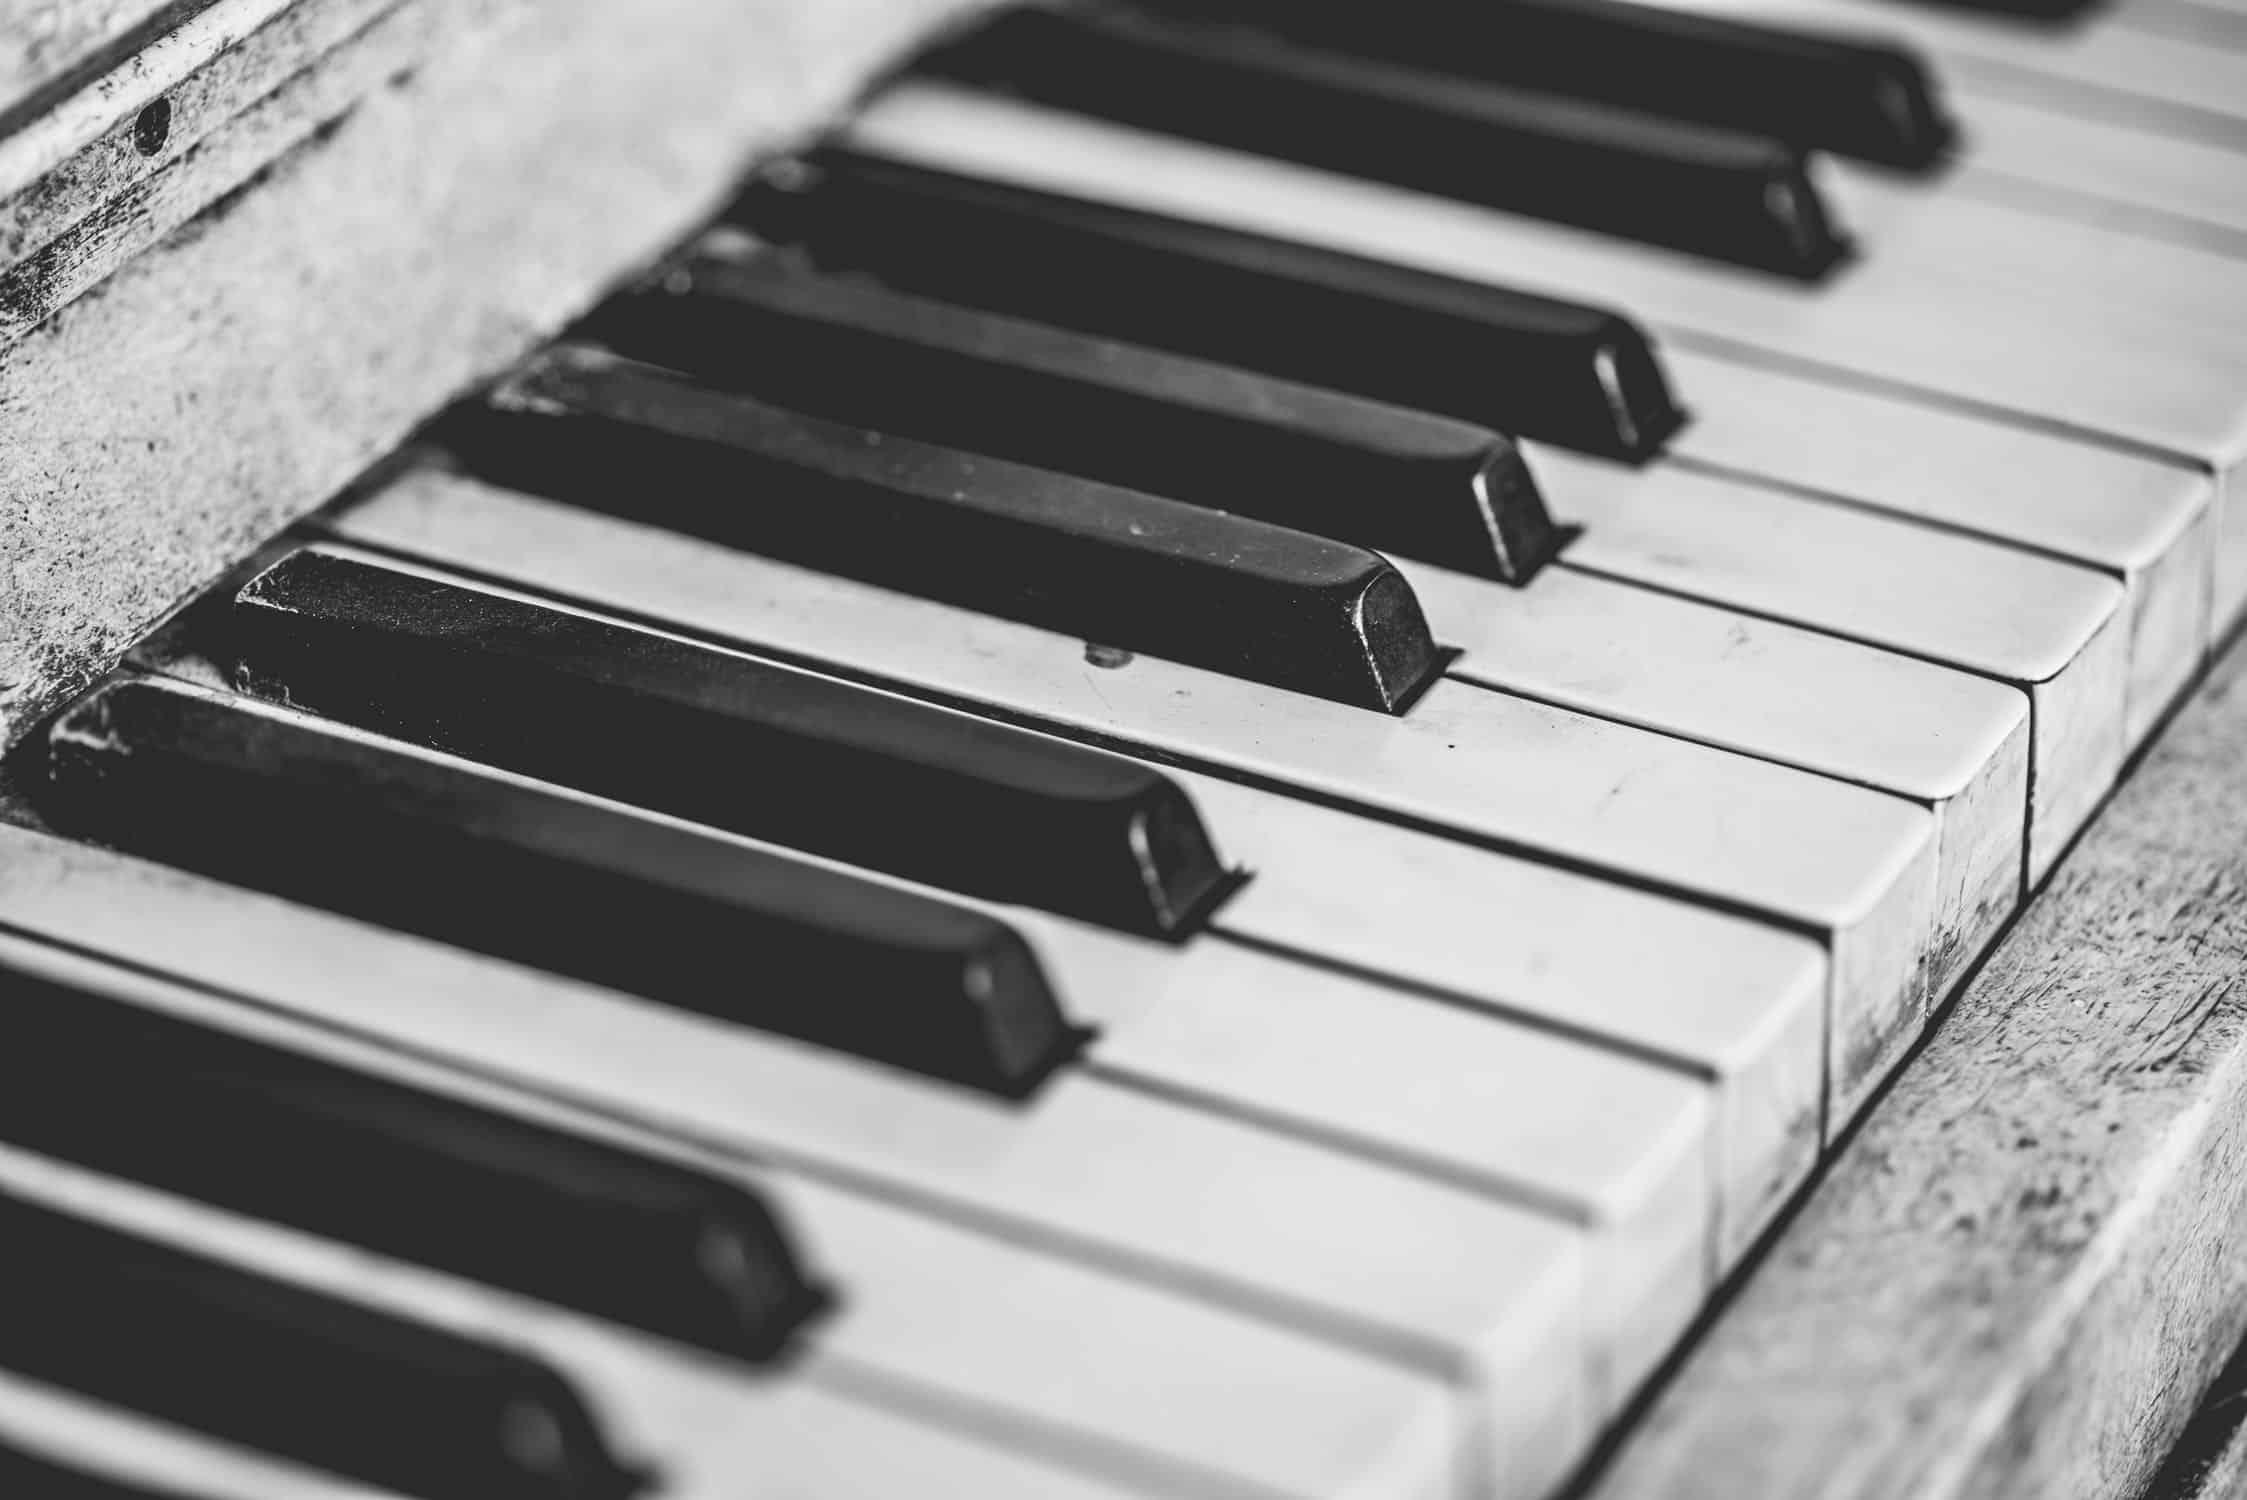 How To Whiten Ivory Piano Keys - Joshua Ross